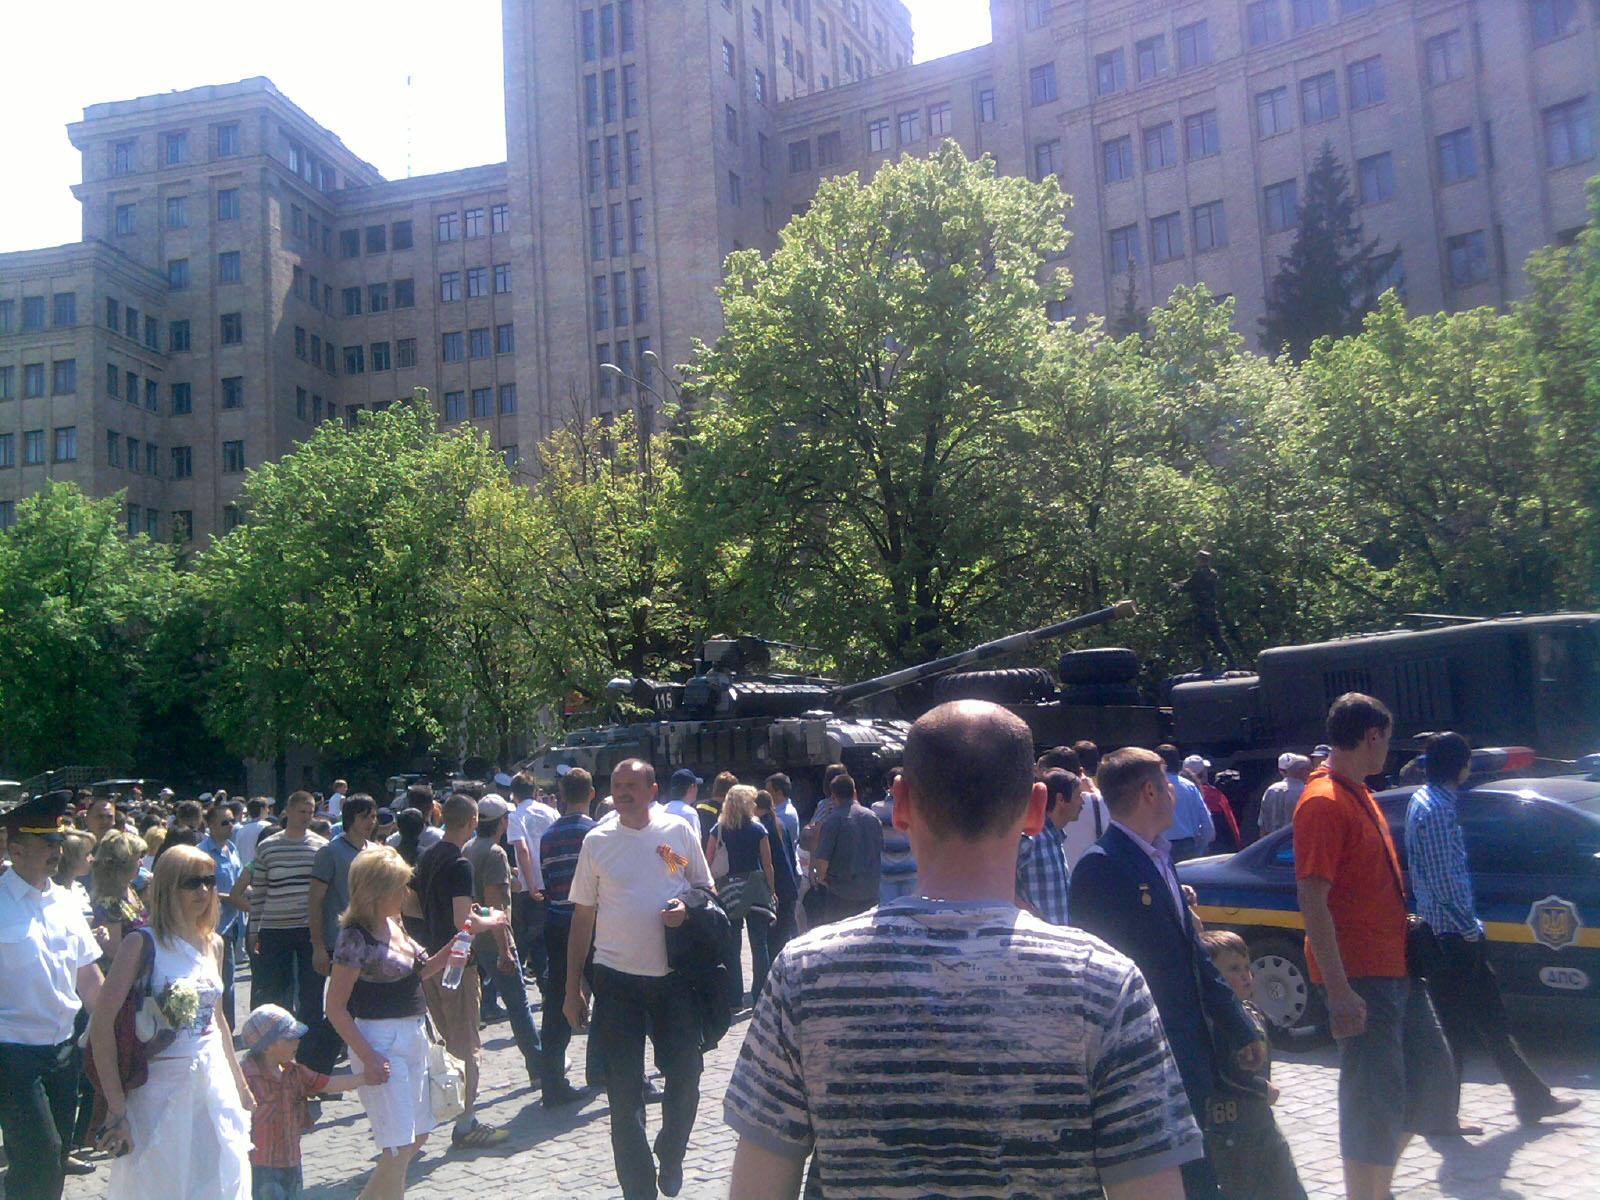 Танки грузят на тягачи и готовят к транспортировке - Харьков 2010